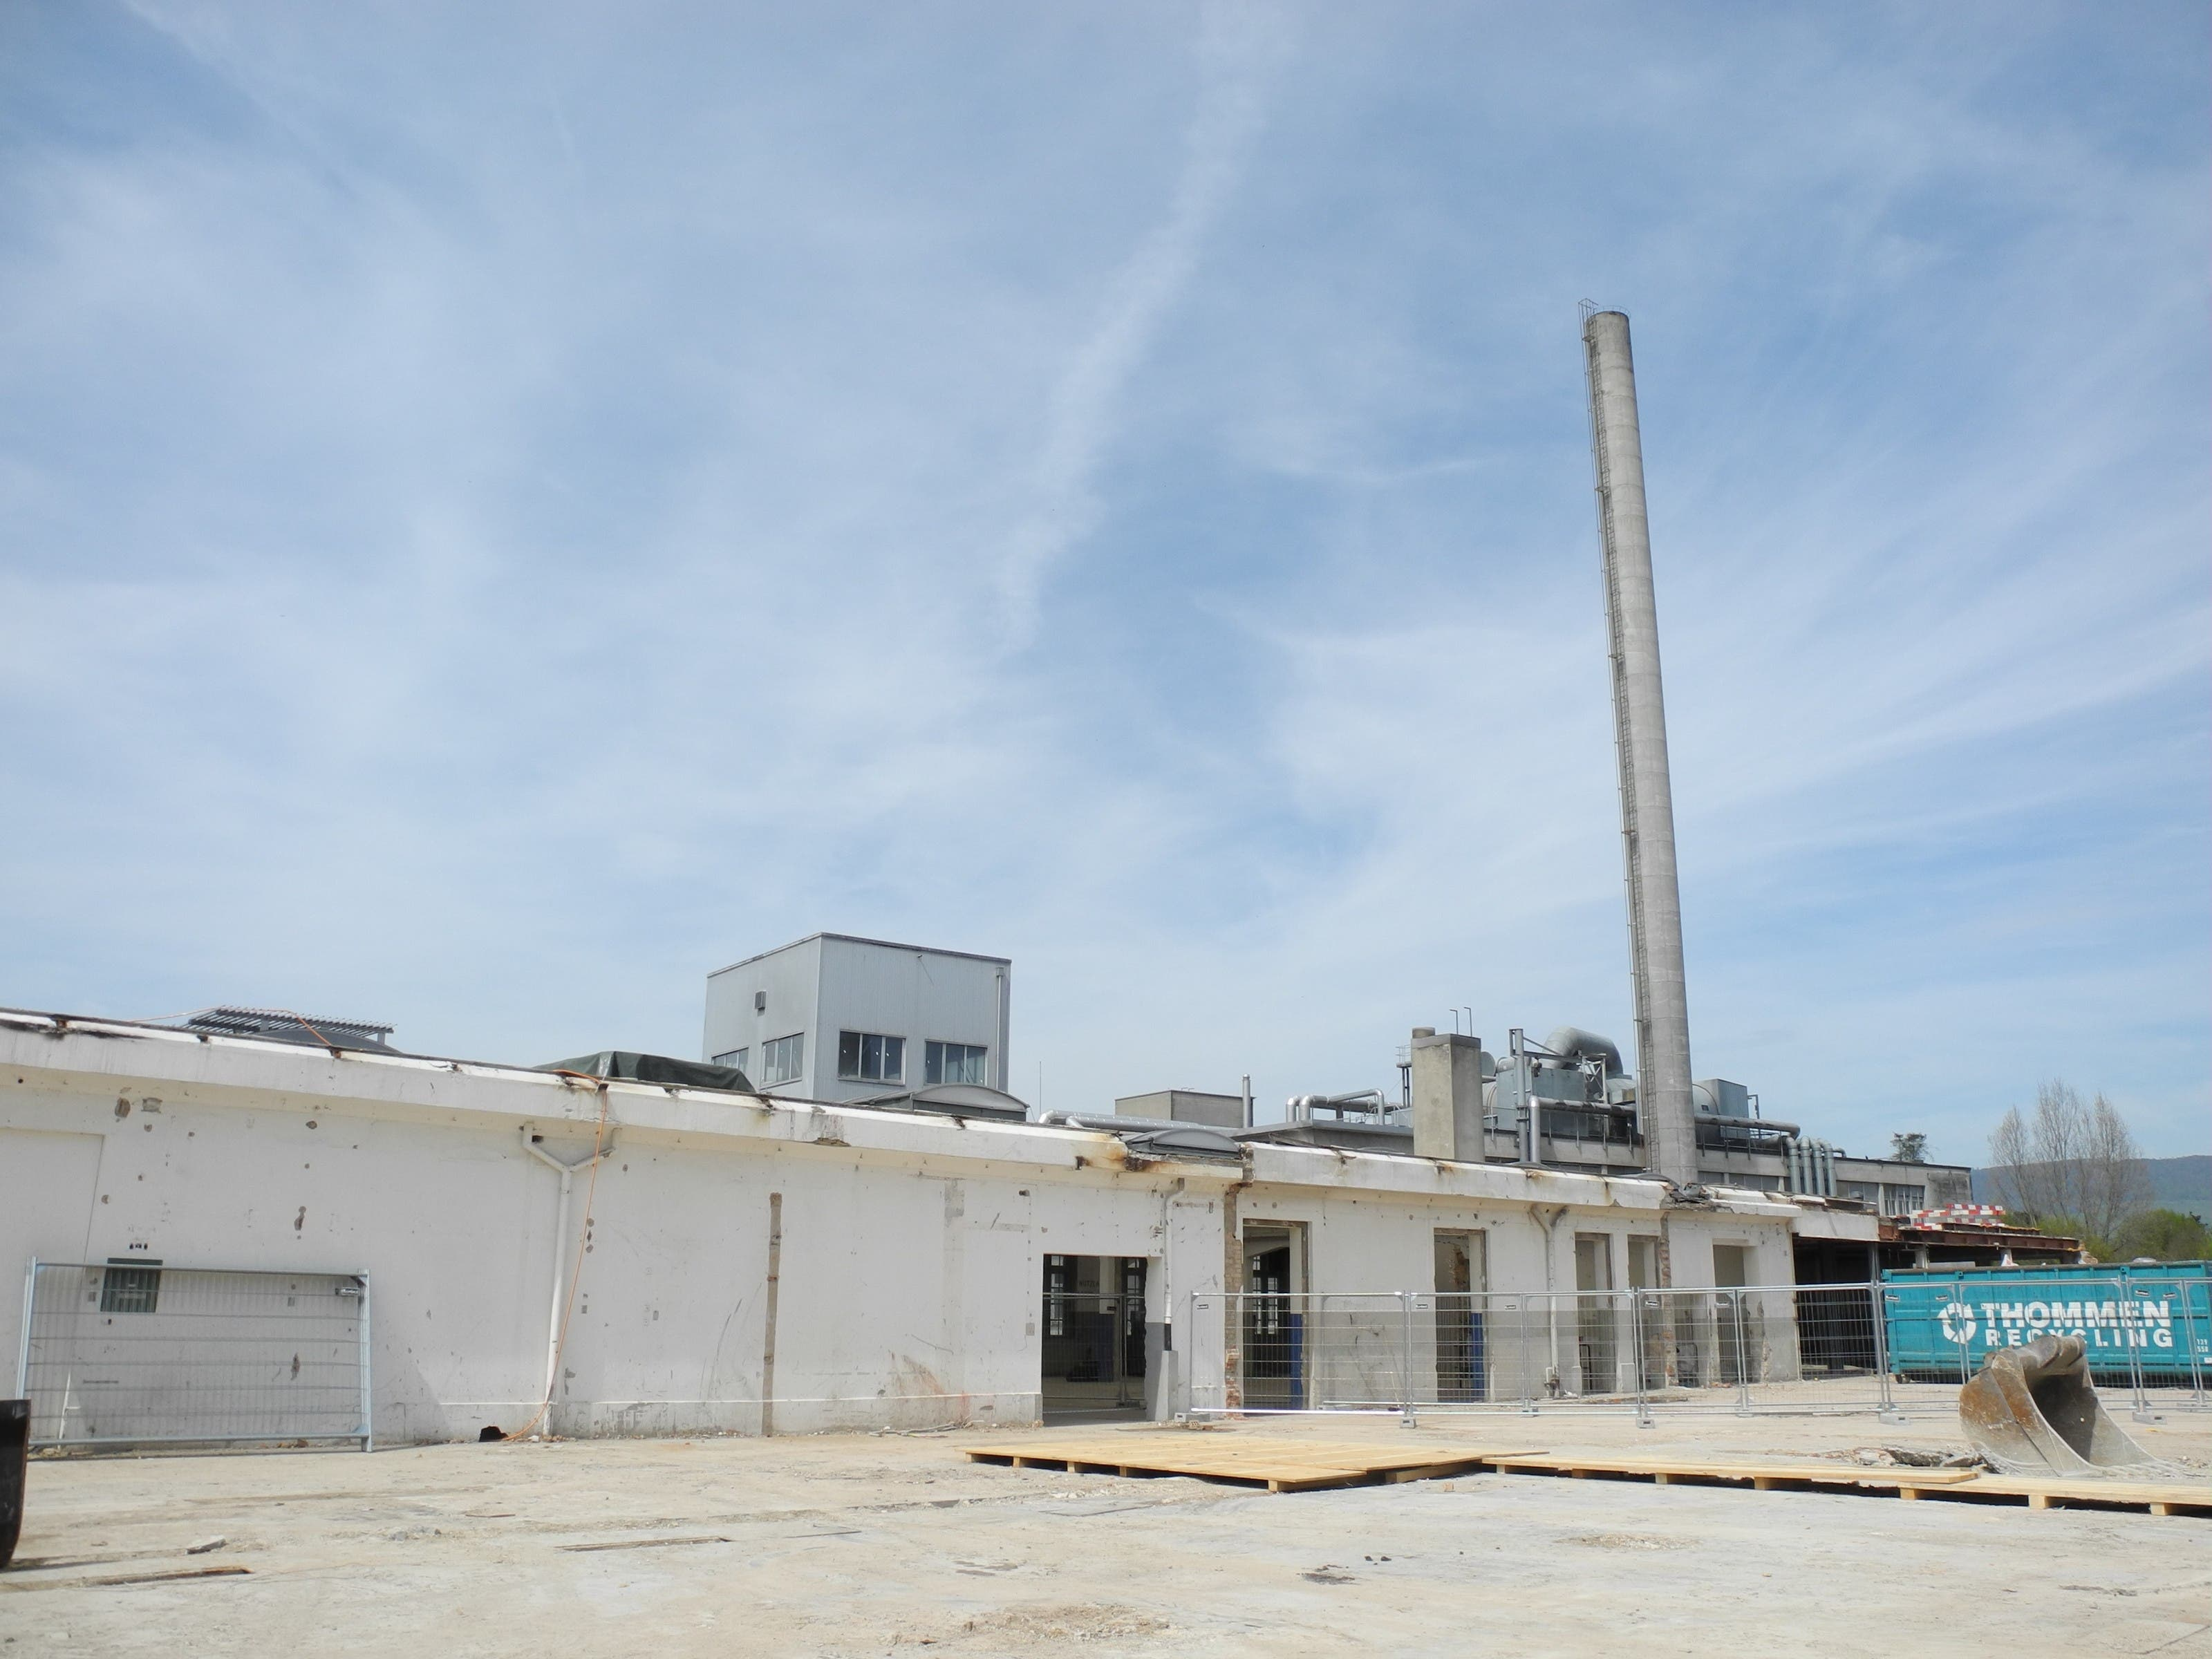 Weil er zu nahe an der Lüssel und an einem Gebäude steht, das erhalten bleiben soll, wird der zweite Turm nicht gesprengt, sondern Stück für Stück abgetragen. Dazu wird er von innen aufgeschnitten.